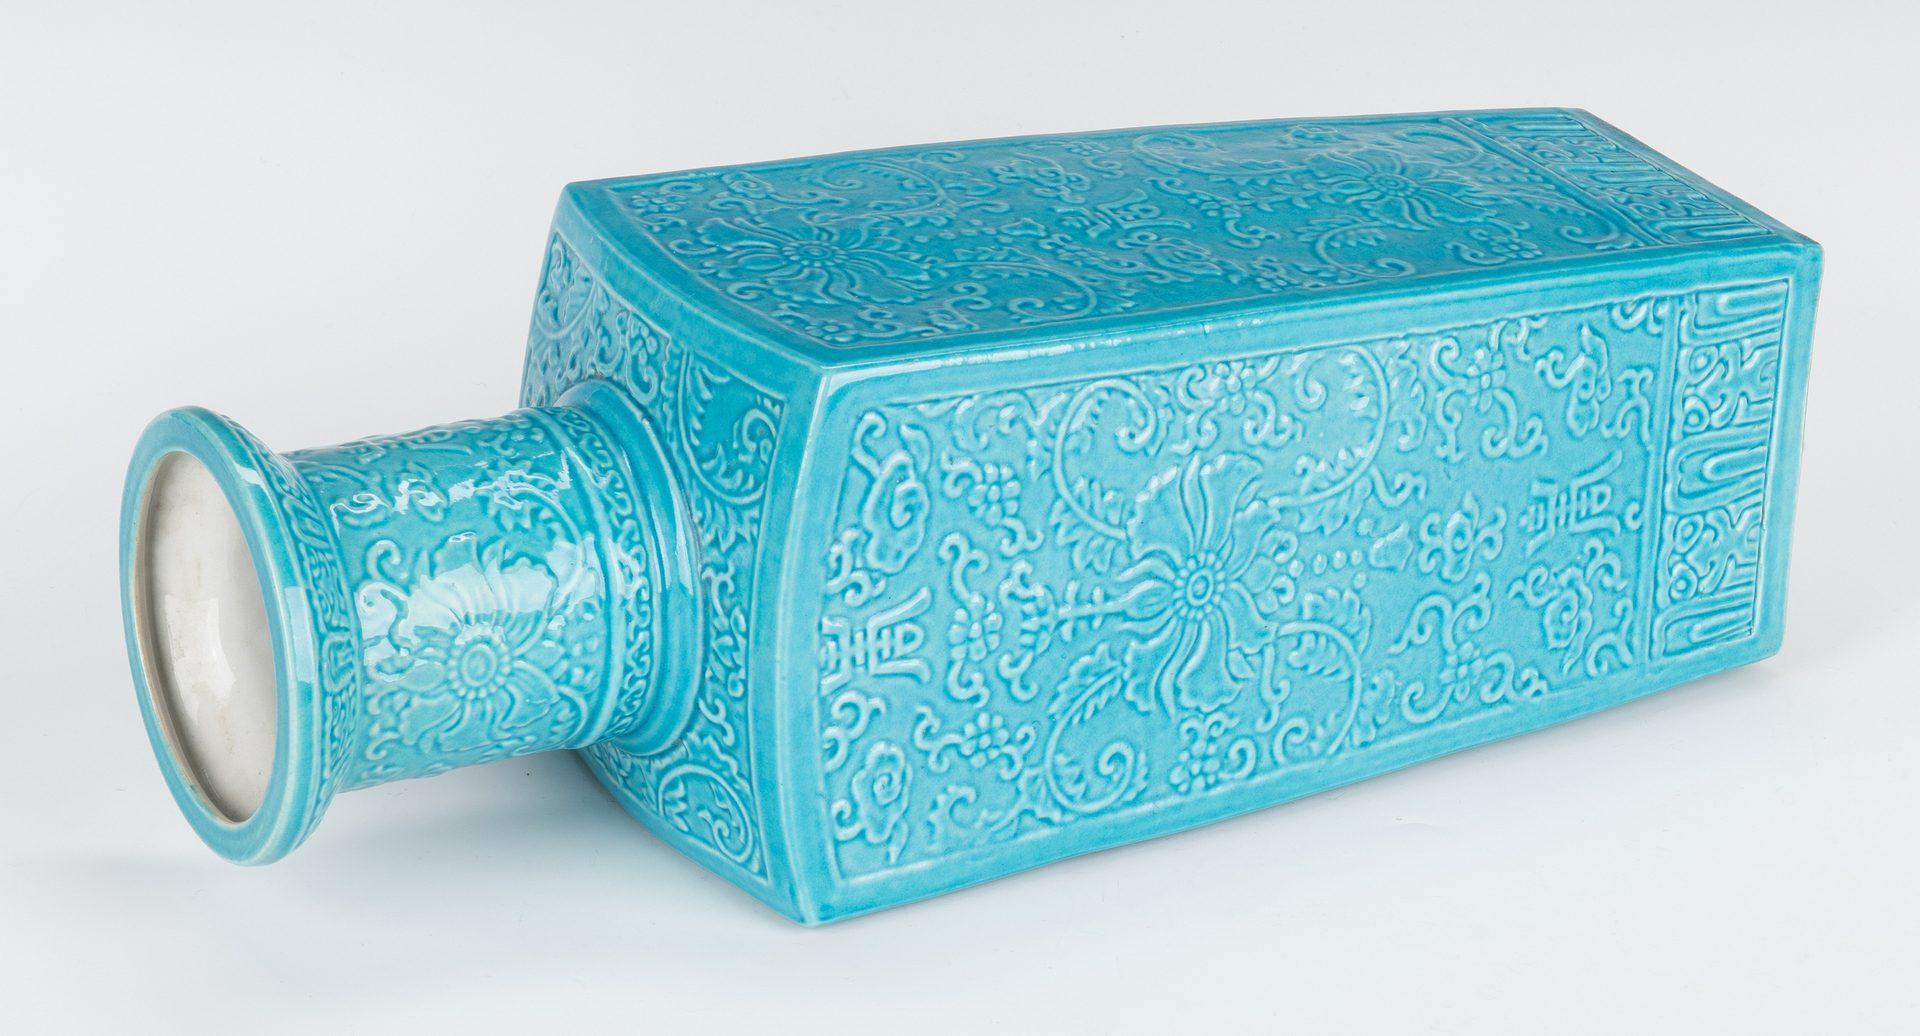 Lot 484: Chinese Republic Turquoise glaze vase